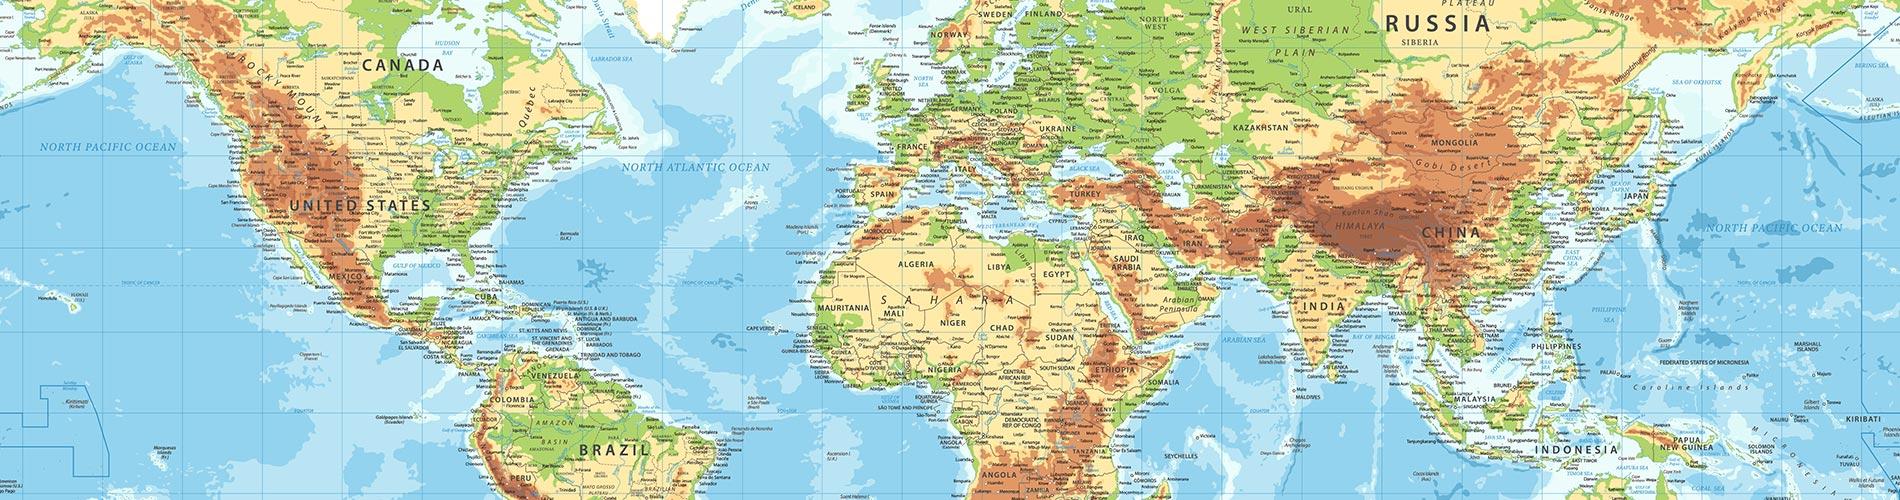 International Global Mens Sheds